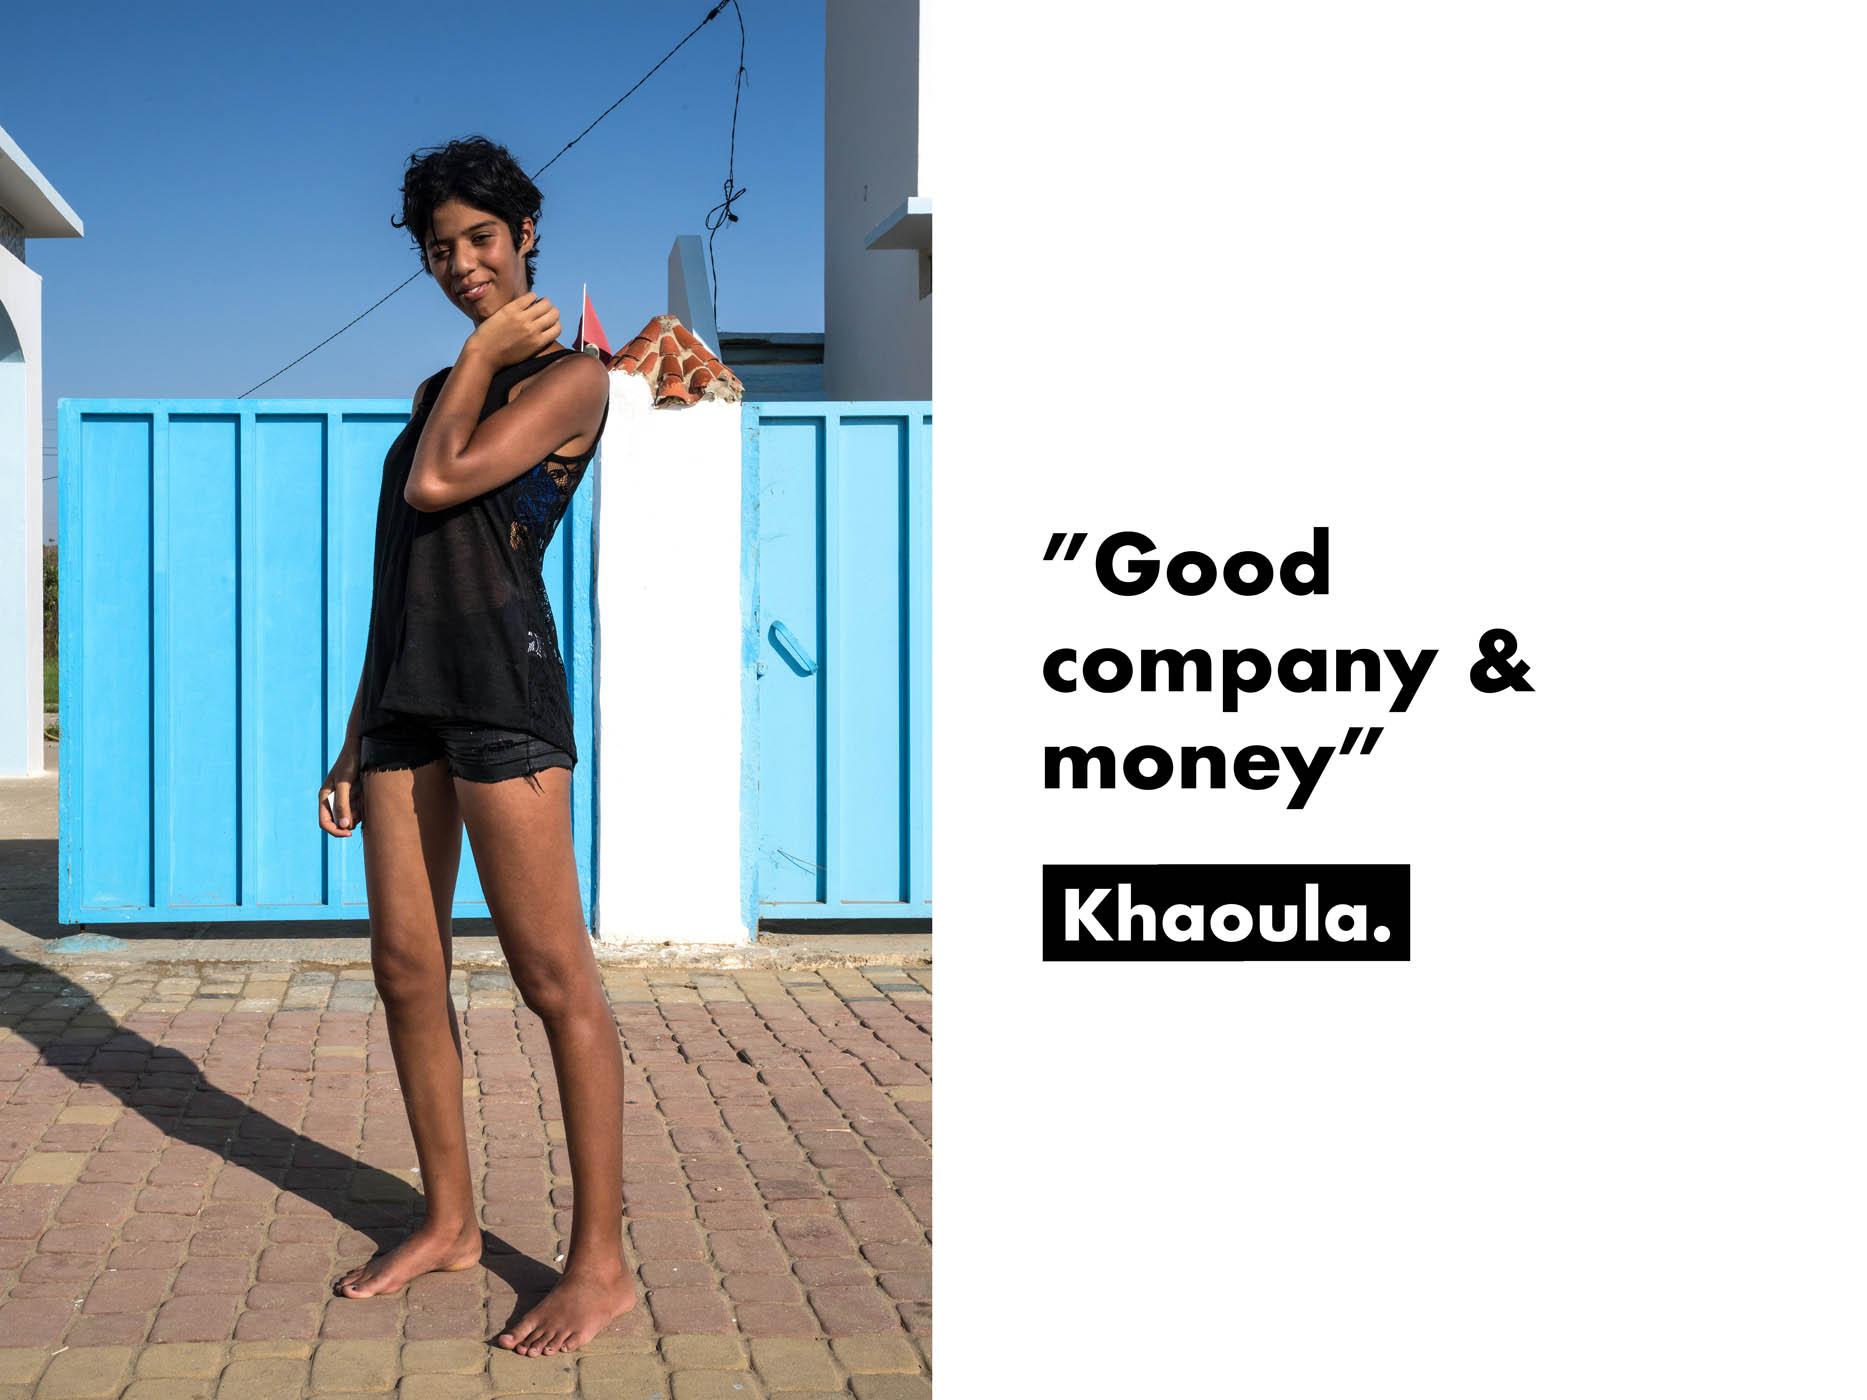 khaoula.jpg